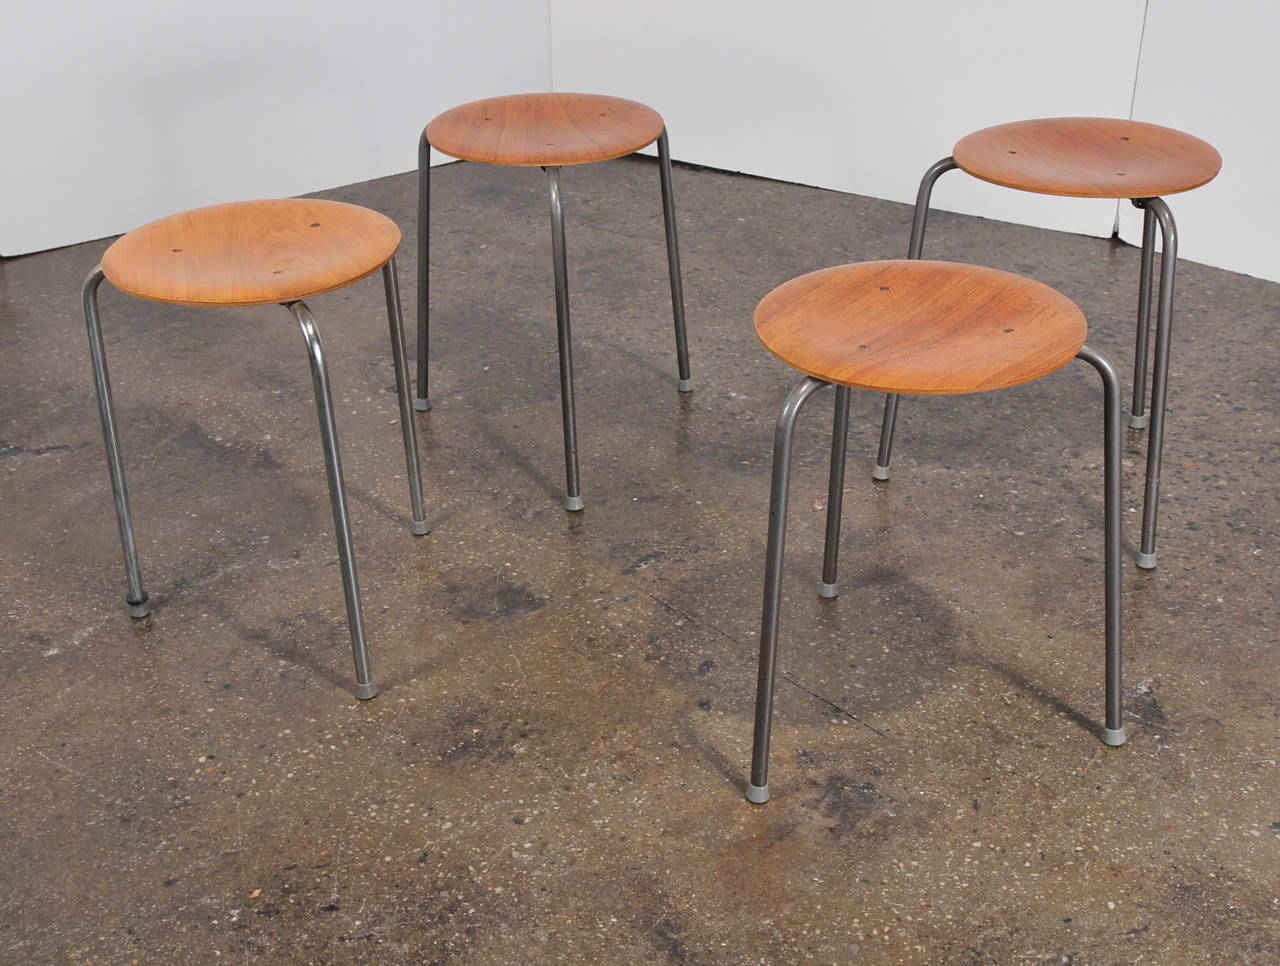 Arne Jacobsen Dot Stools At 1stdibs